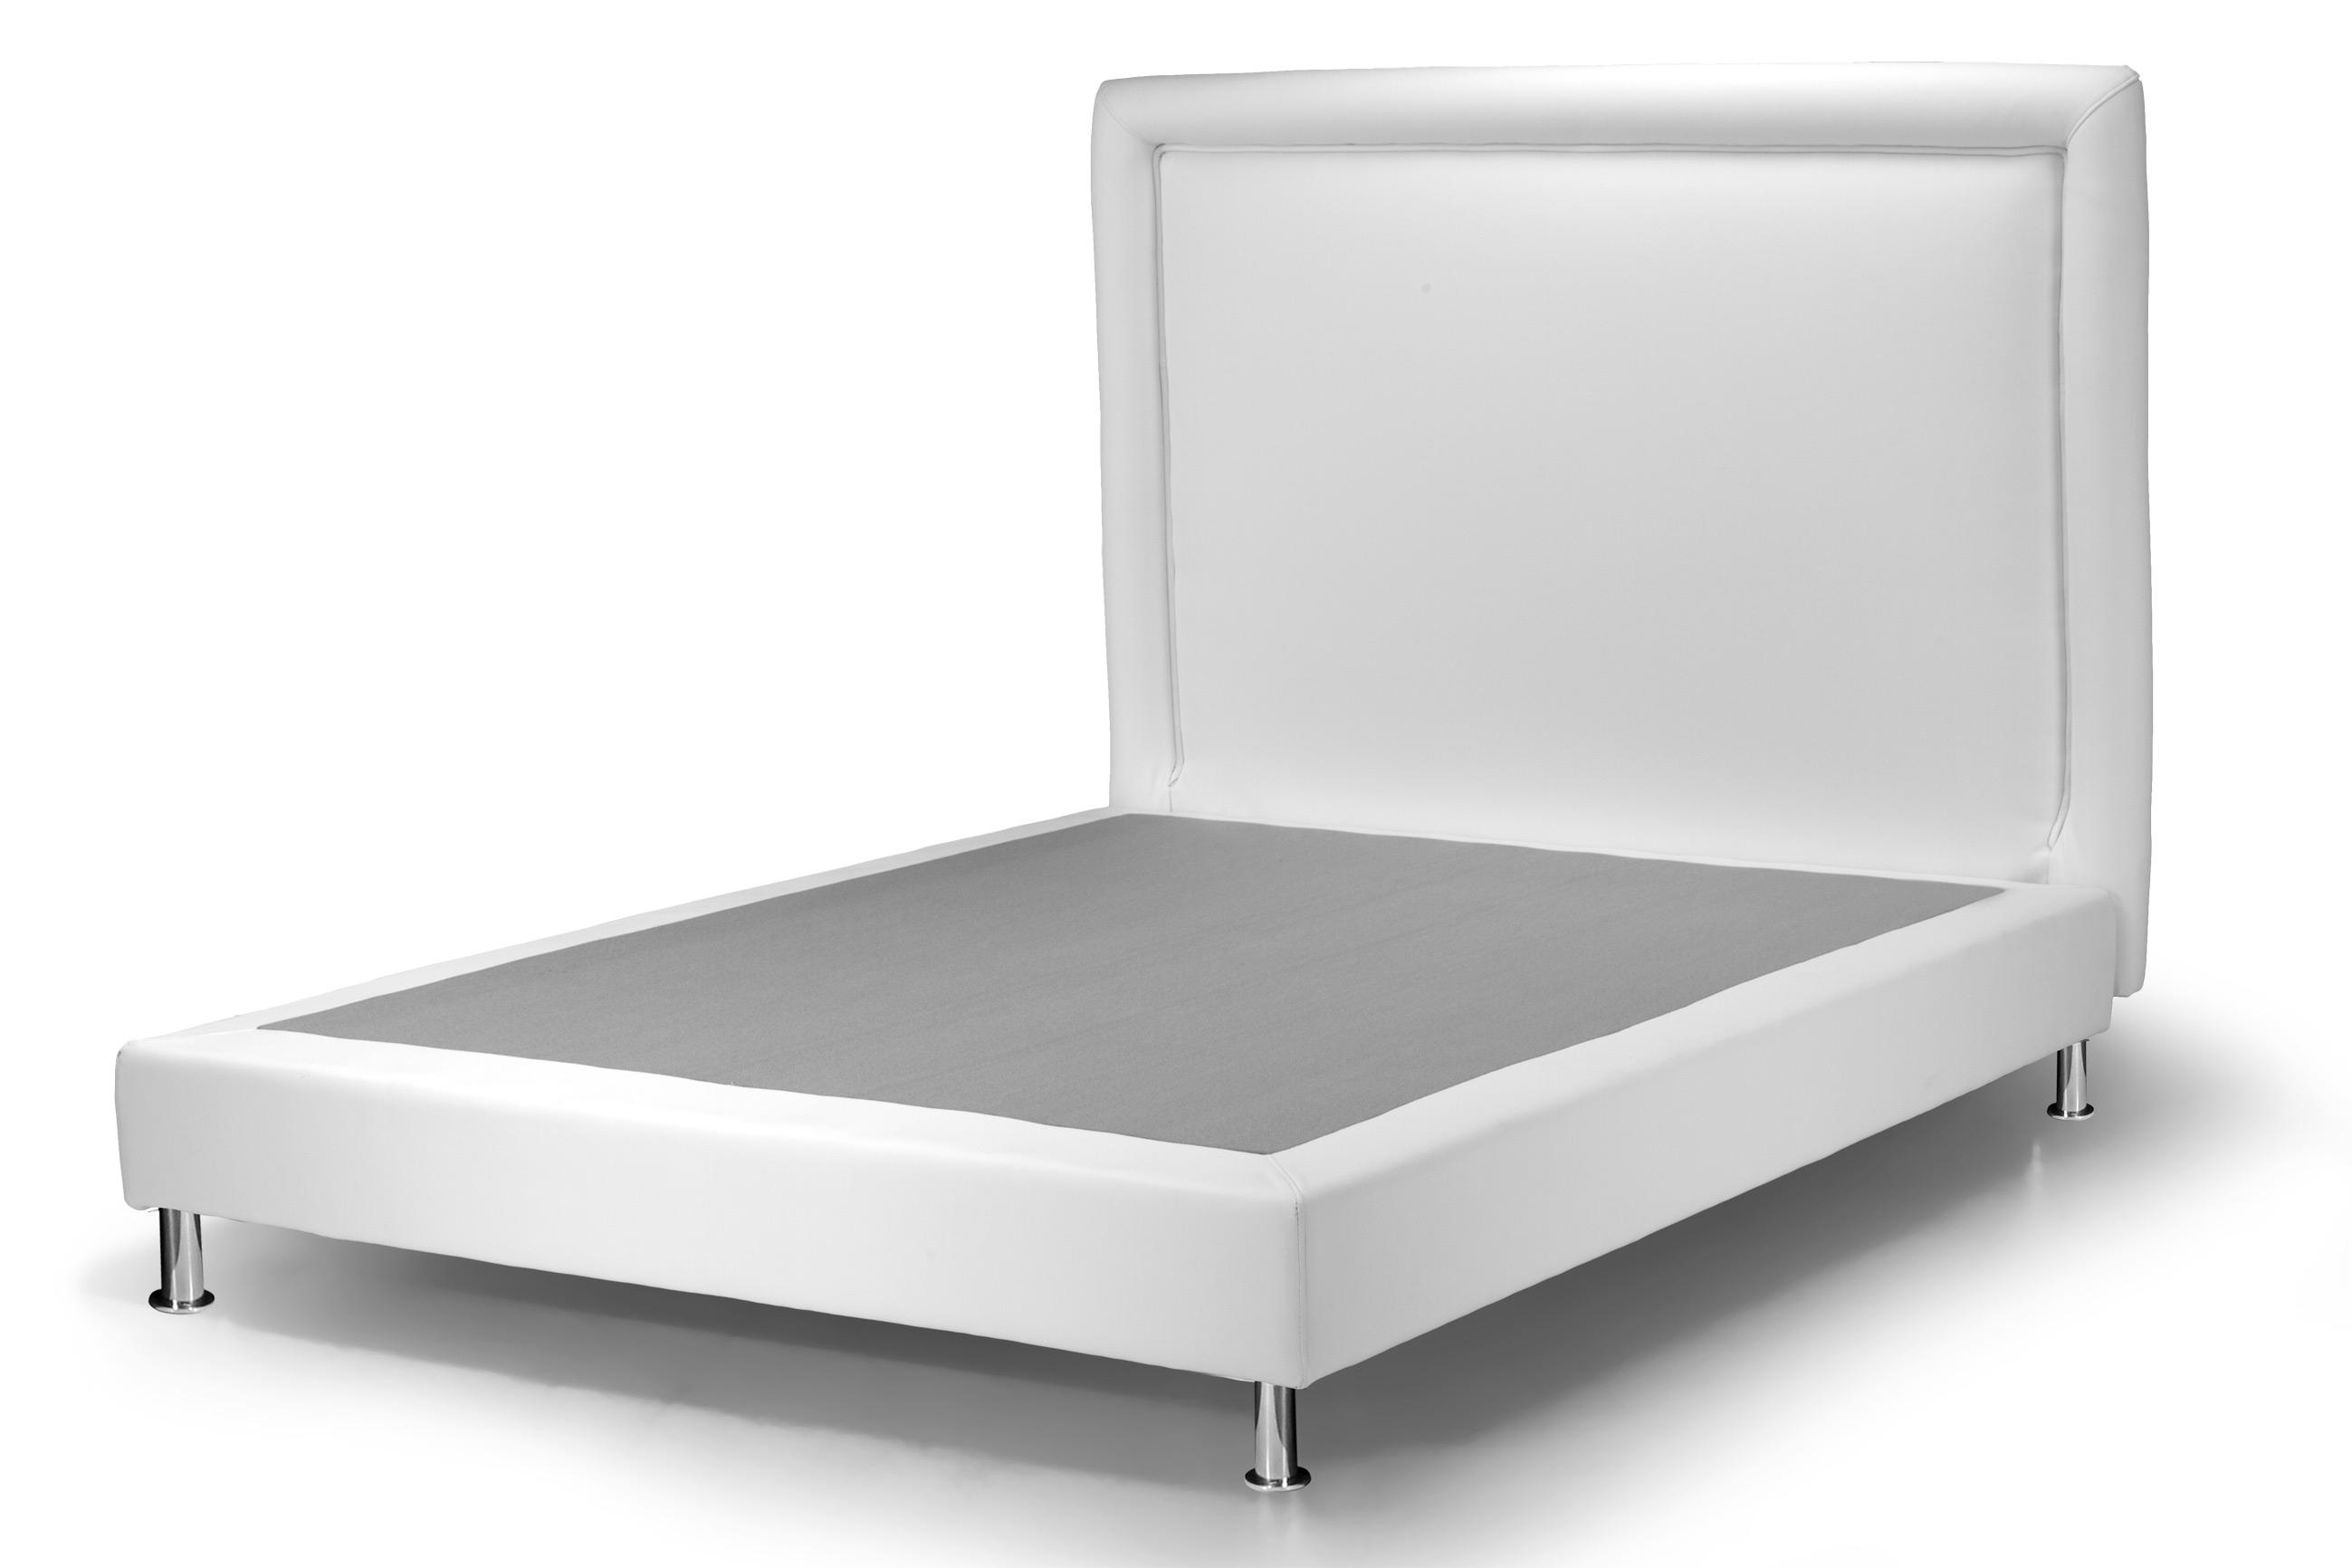 Testiera Per Letto Singolo : Testiera per letto singolo lusso michelangelo h cm ecopelle